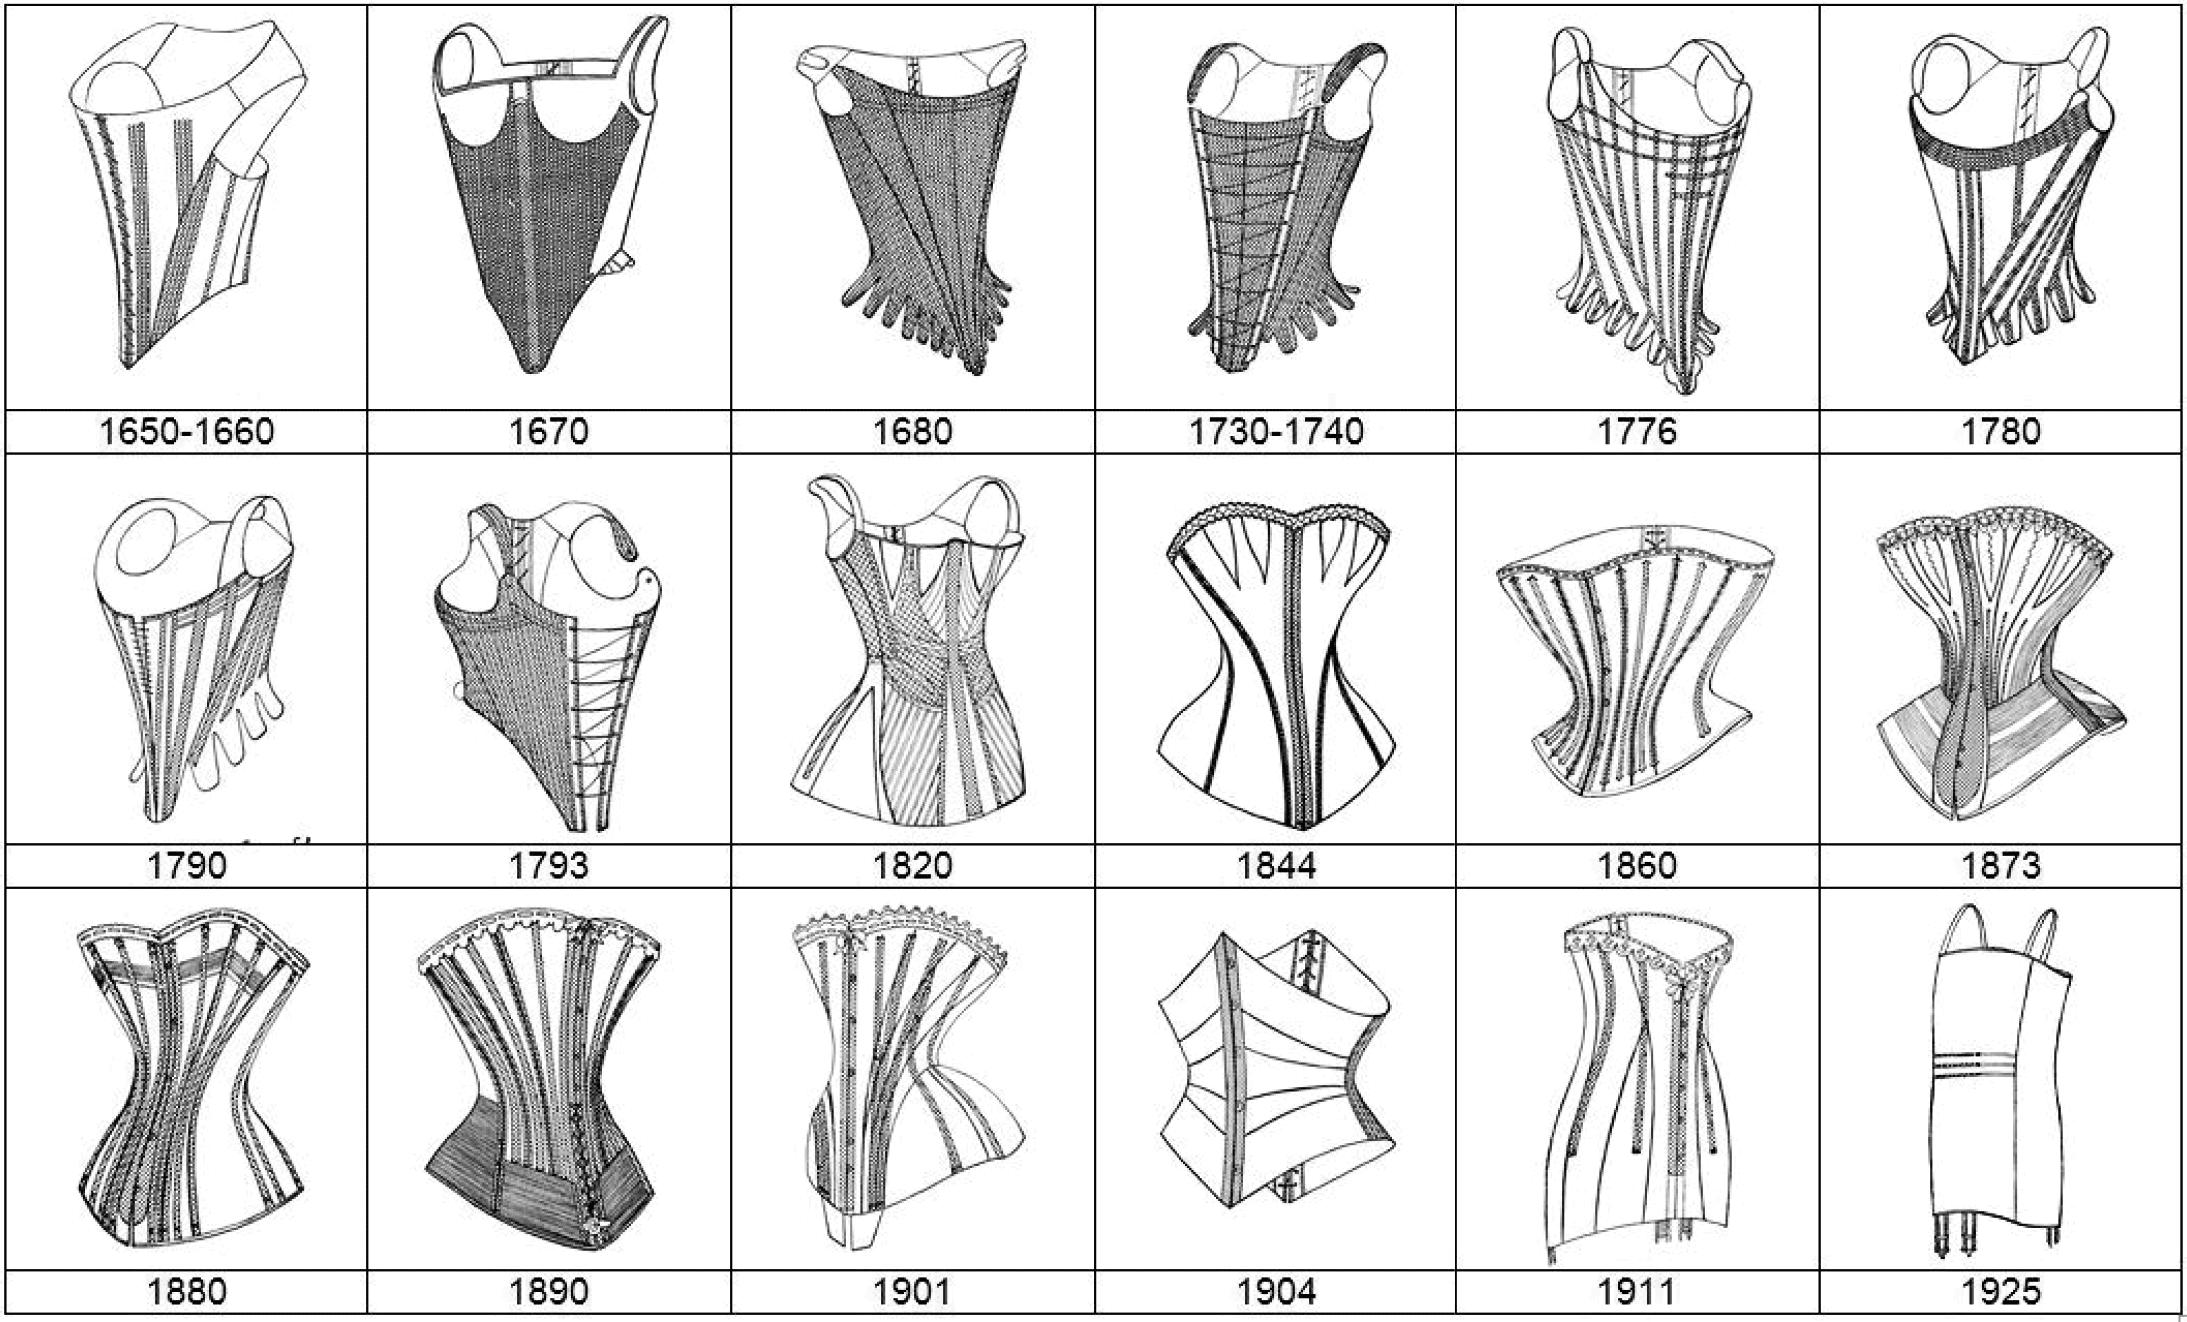 Abgebildet sind viele technische Zeichnungen von Corsetts.